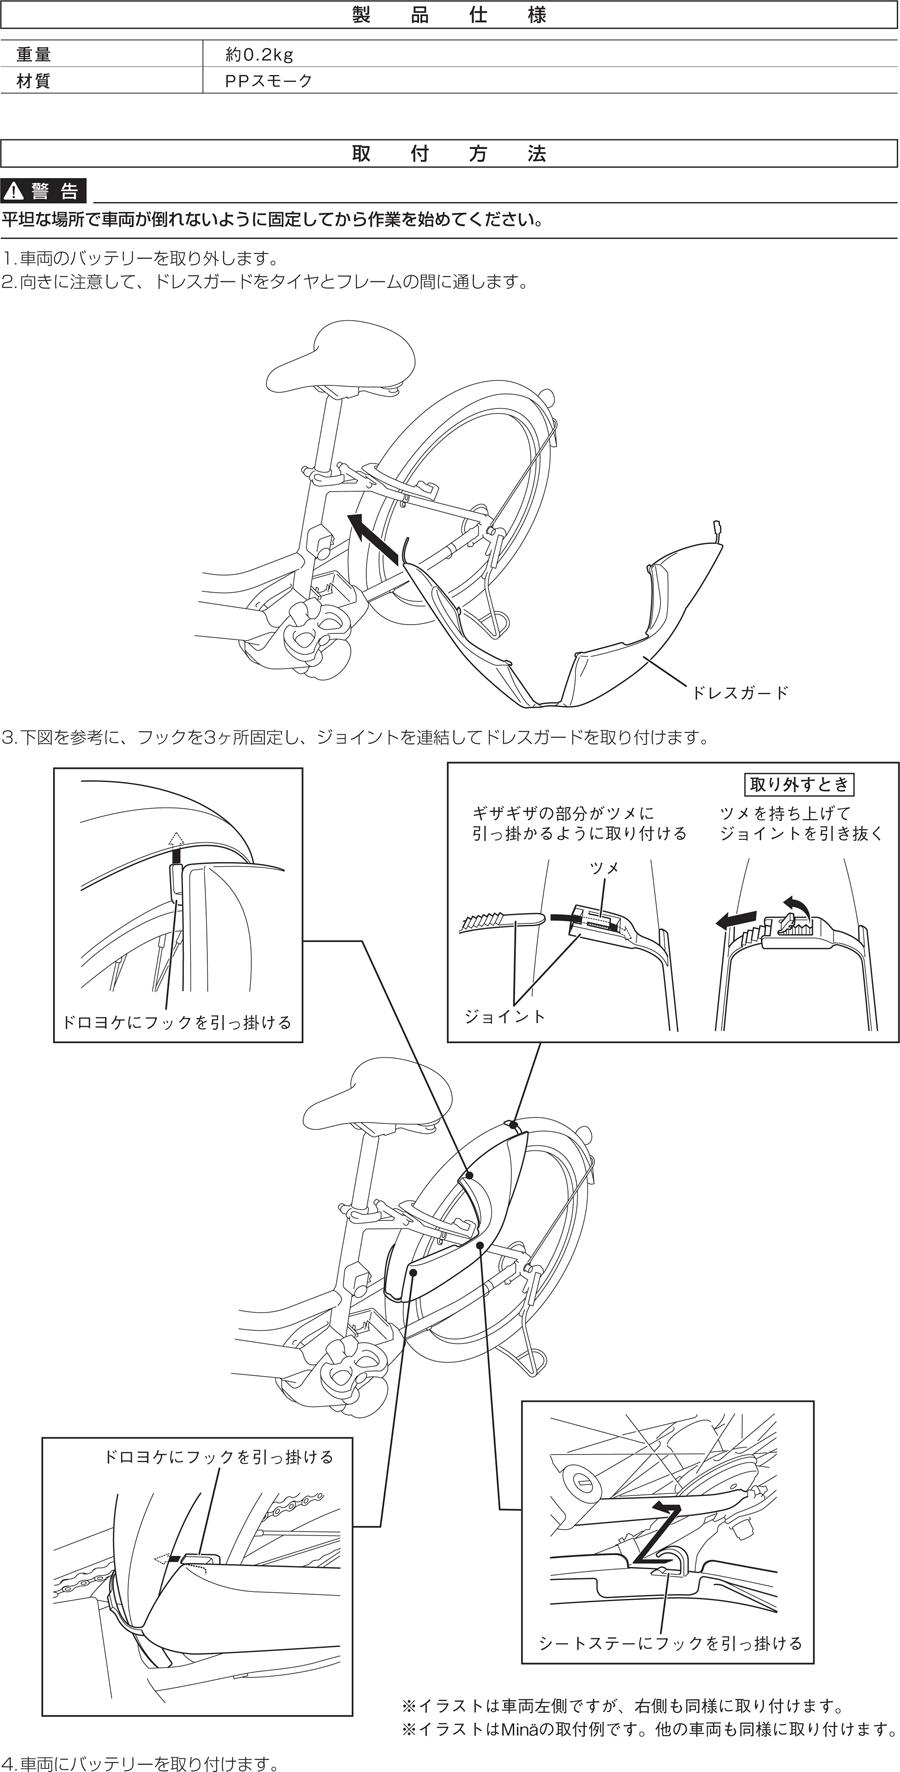 ドレスガード PAS用 [Q5K-YSK-051-E40]